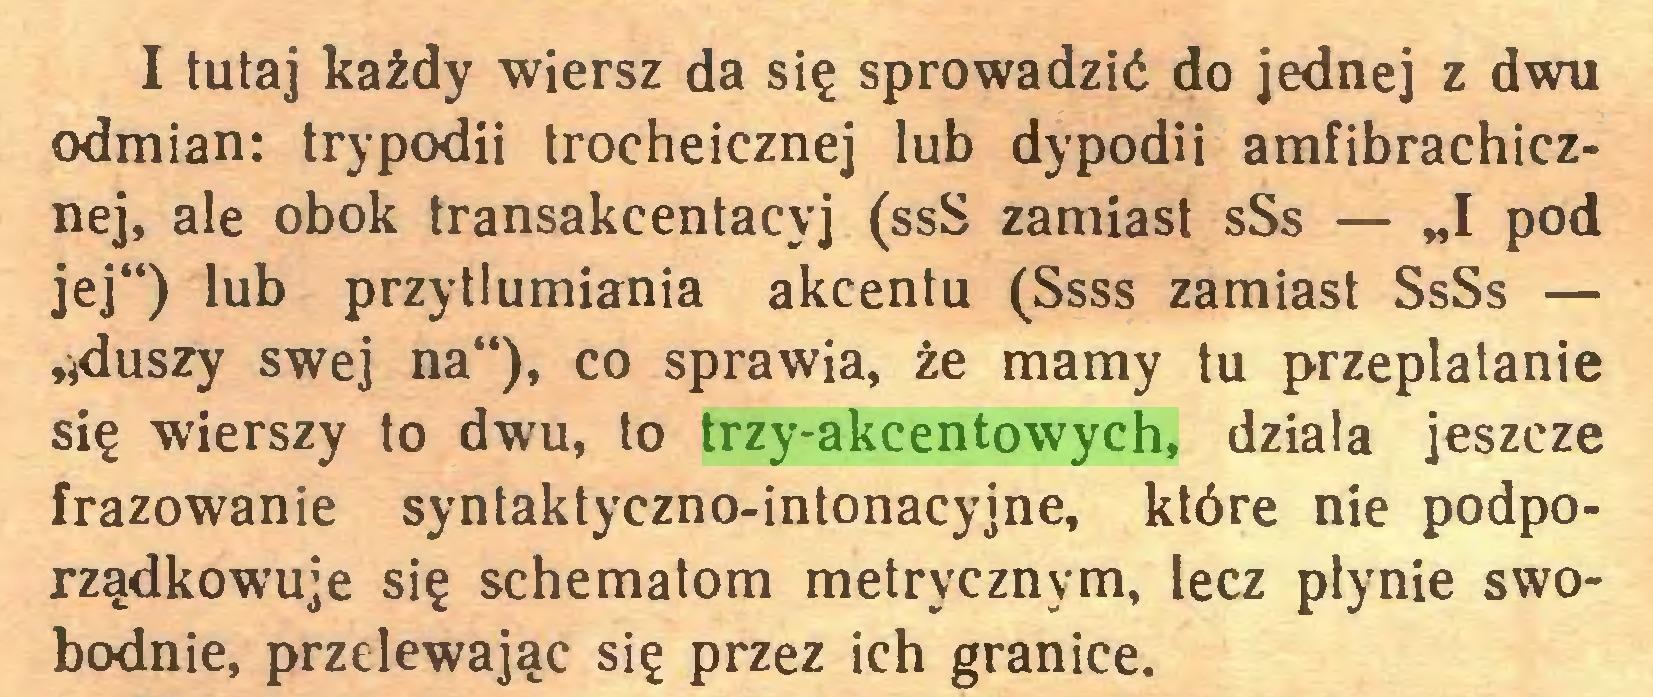 """(...) I tutaj każdy wiersz da się sprowadzić do jednej z dwu odmian: trypodii trocheicznej lub dypodii amfibrachicznej, ale obok transakcentacyj (ssS zamiast sSs — """"I pod jej"""") lub przytłumiania akcentu (Ssss zamiast SsSs — tlduszy swej na""""), co sprawia, że mamy tu przeplatanie się wierszy to dwu, to trzy-akcentowych, działa jeszcze frazowanie syntaktyczno-intonacyjne, które nie podporządkowuje się schematom metrycznym, lecz płynie swobodnie, przelewając się przez ich granice..."""